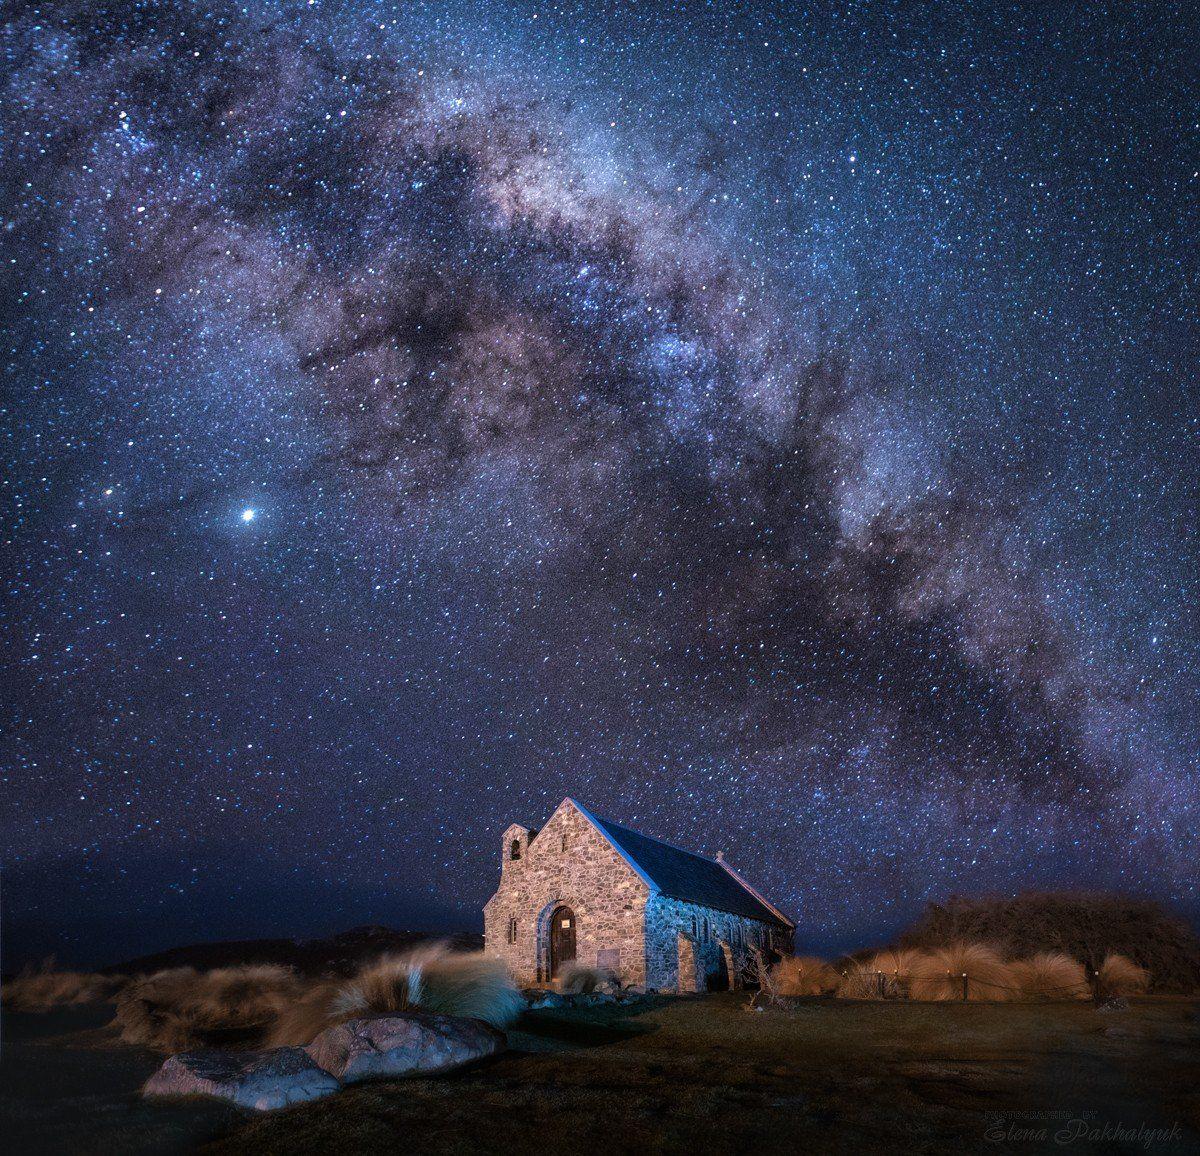 новая зеландия,пейзаж,млечный путь,звезды,ночь, ночной пейзаж,церковь,фототур, Elena Pakhalyuk